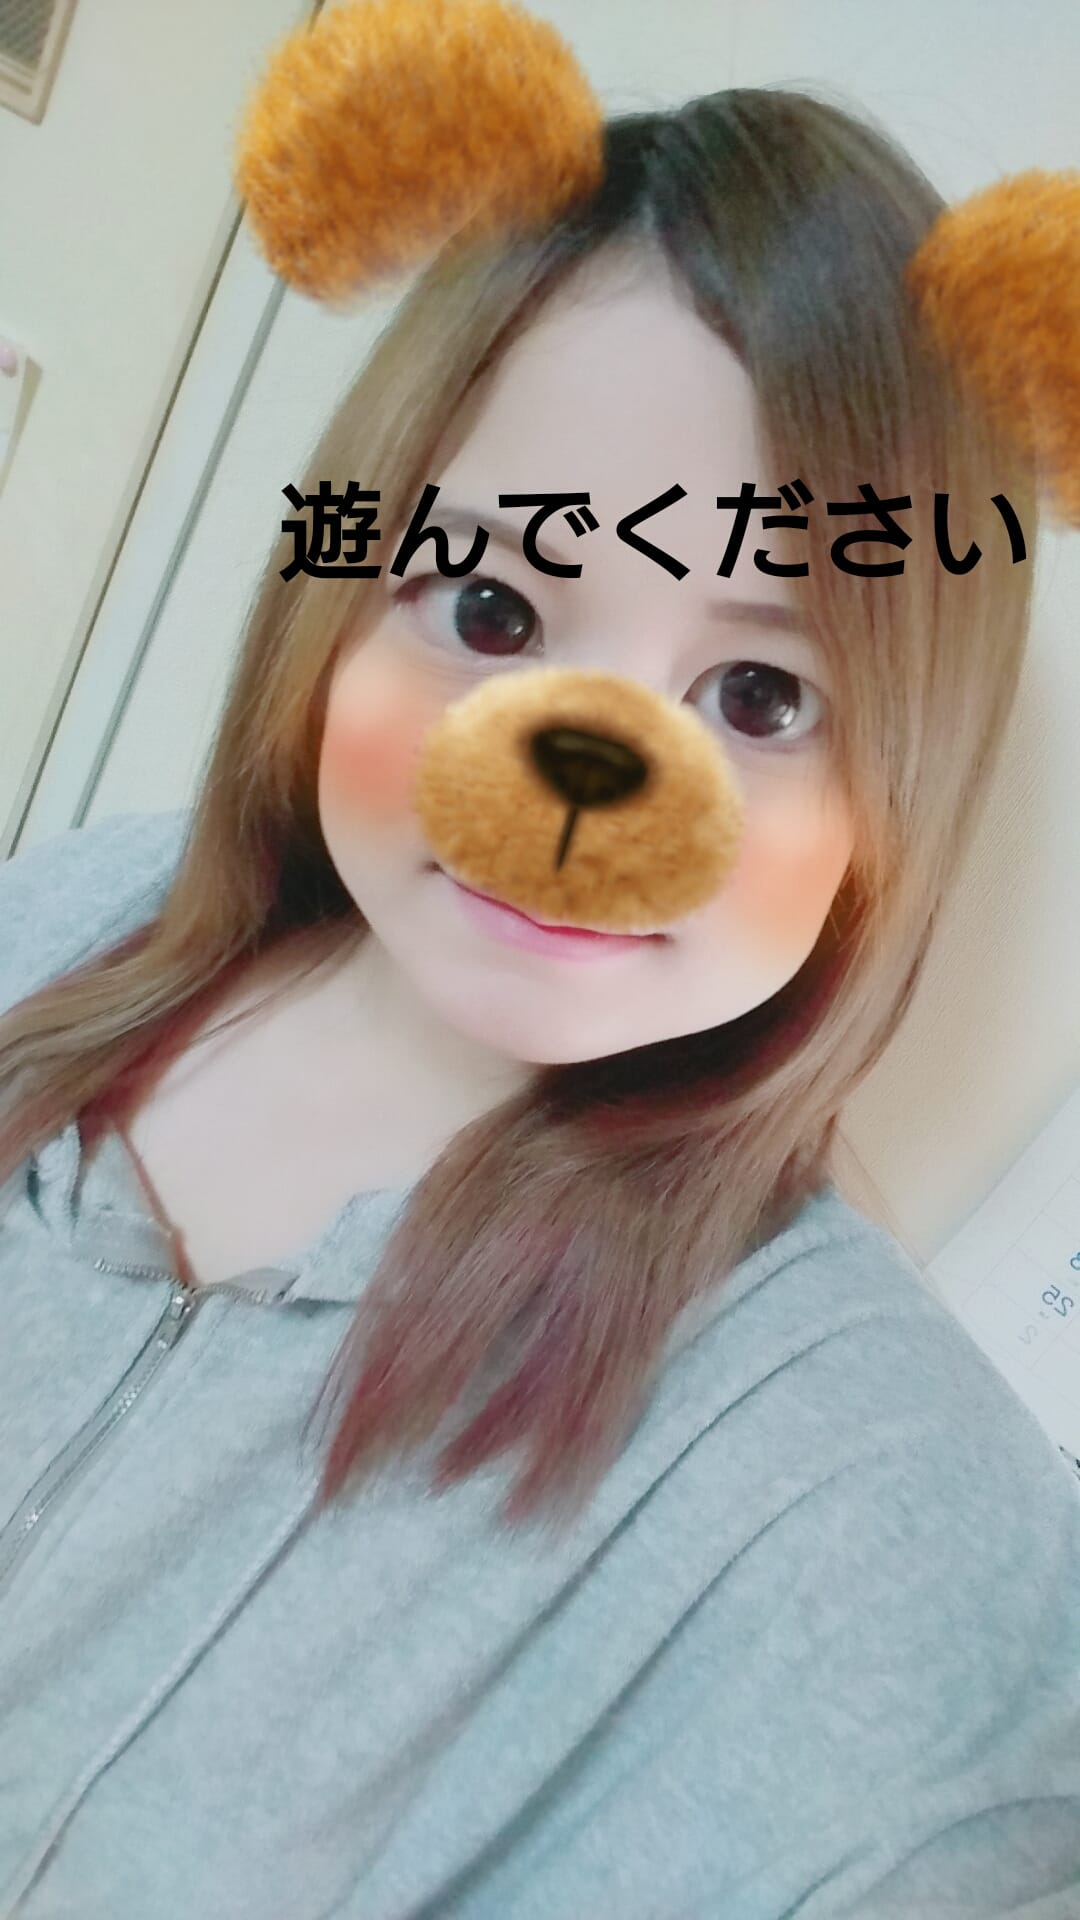 「体調最悪」10/18(10/18) 11:42 | あすかの写メ・風俗動画